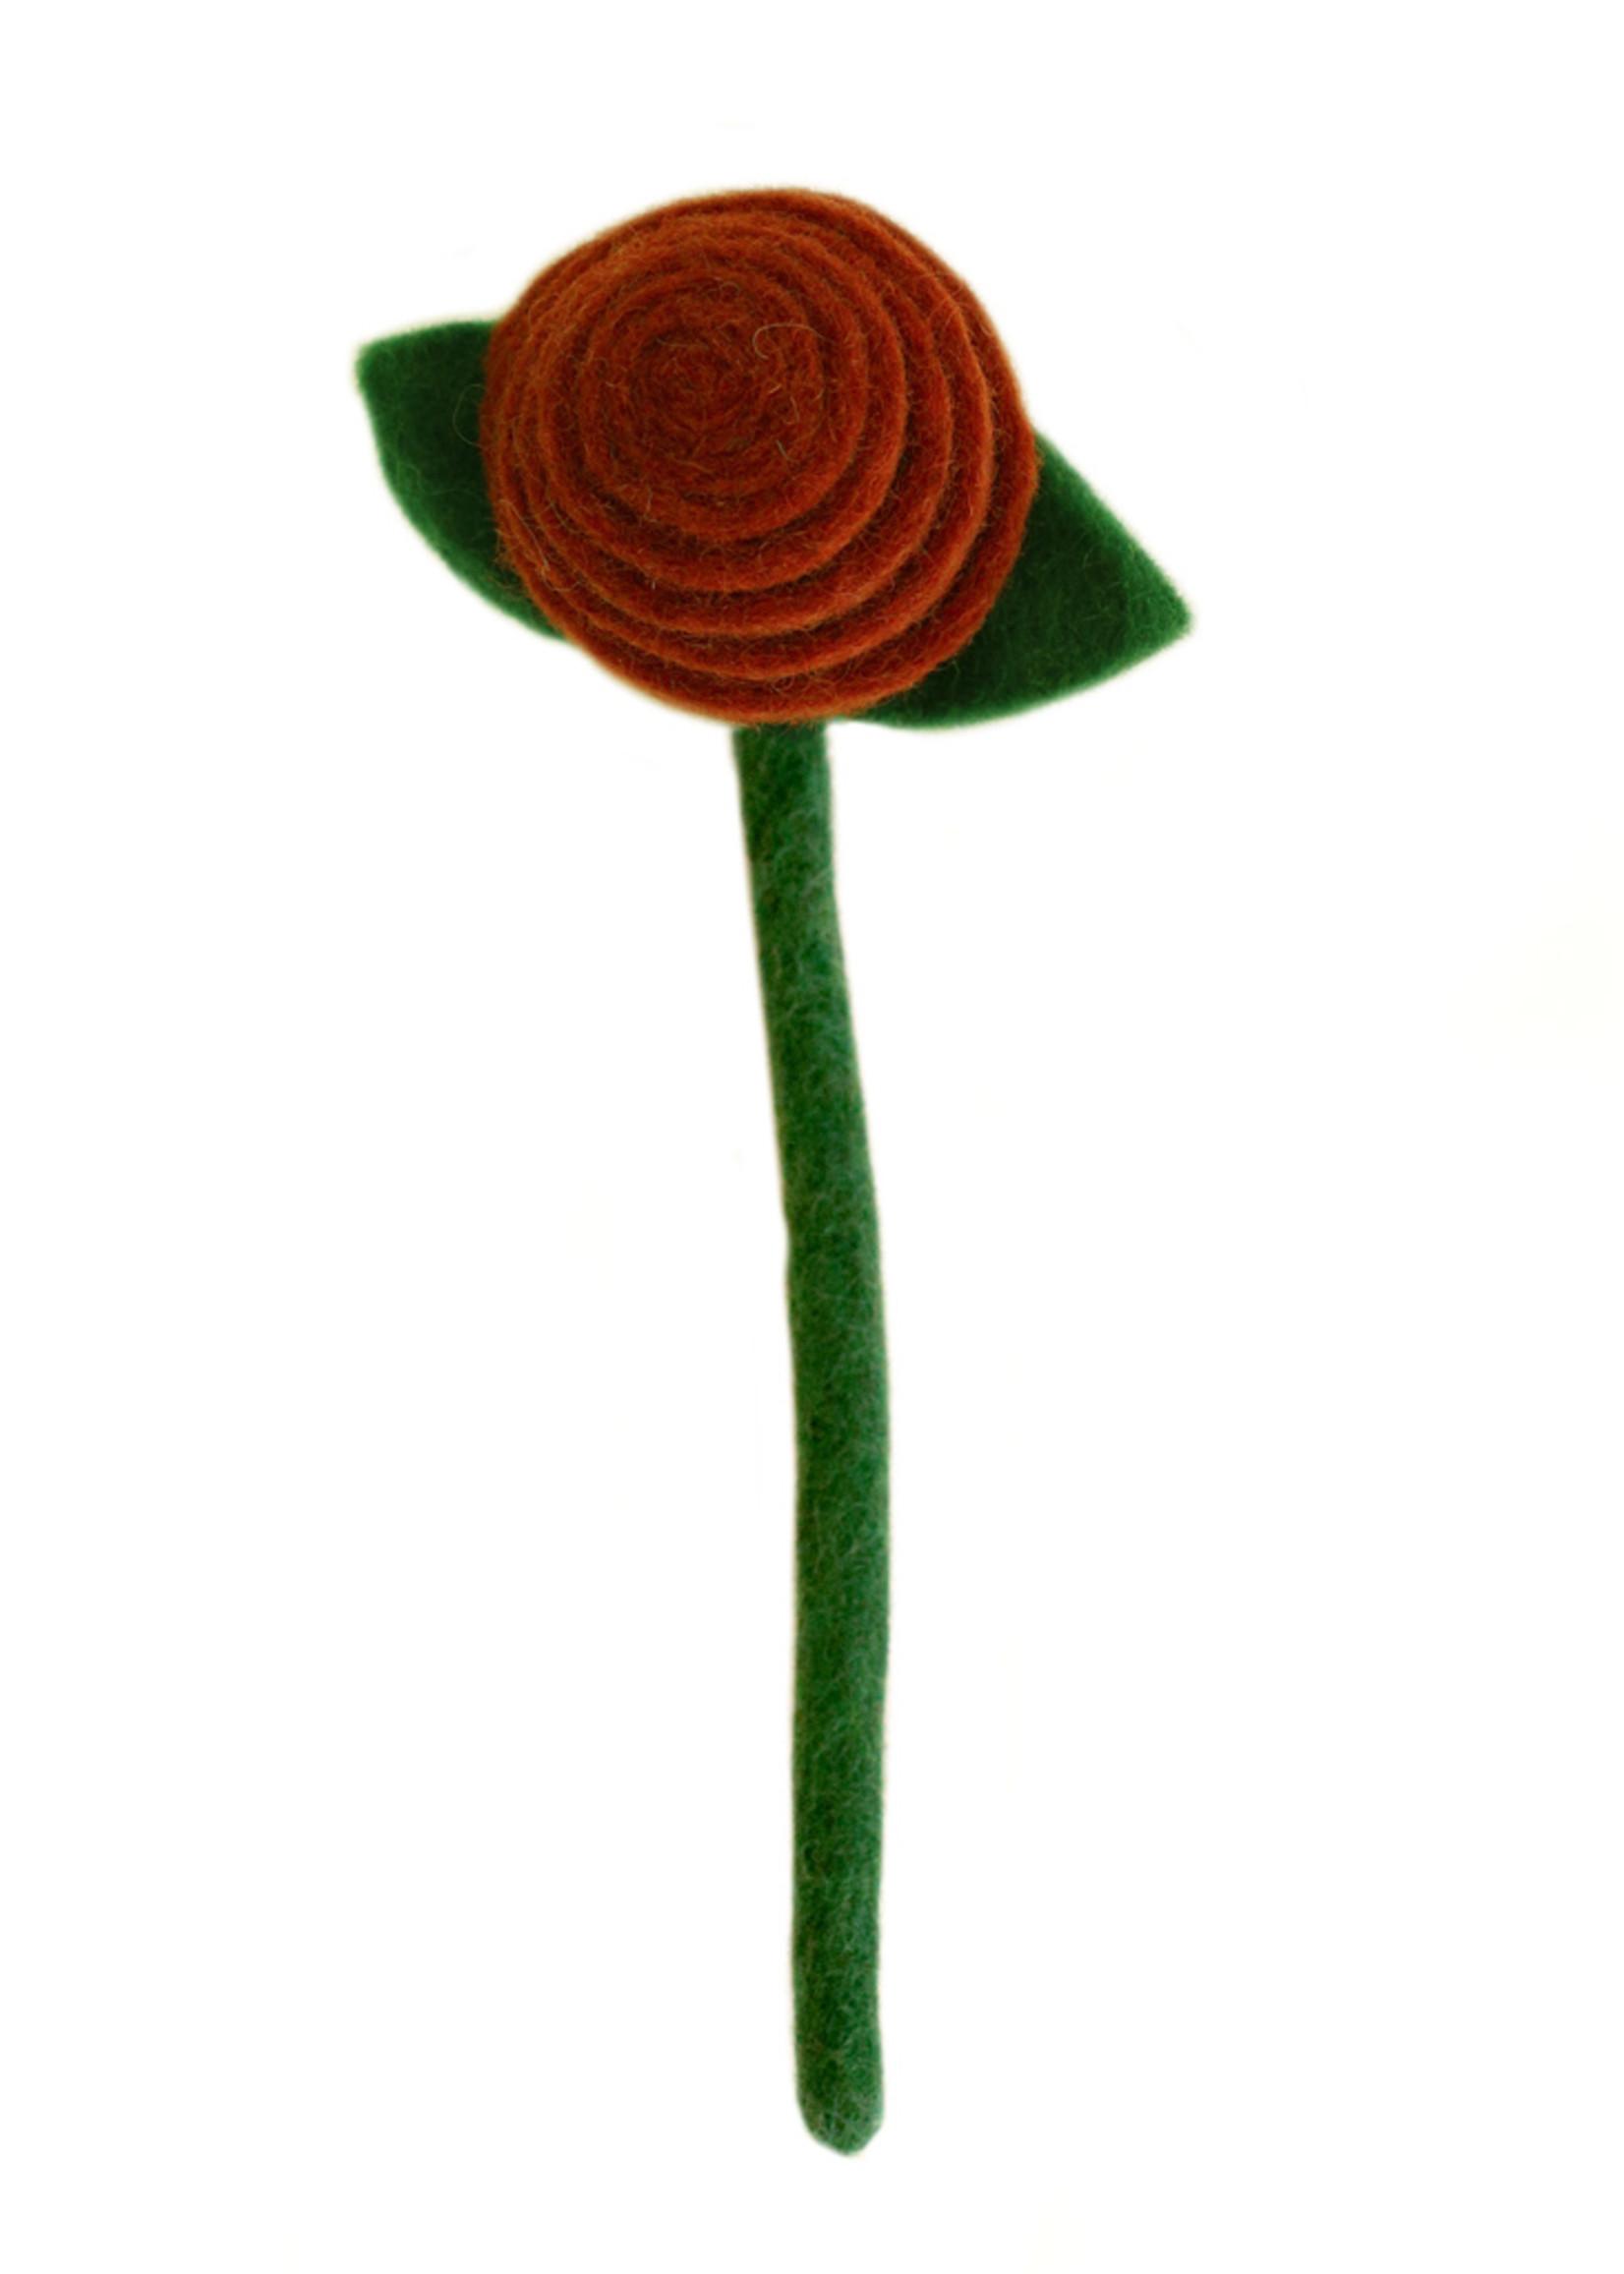 Global Goods Partners Felt Tea Rose Flower